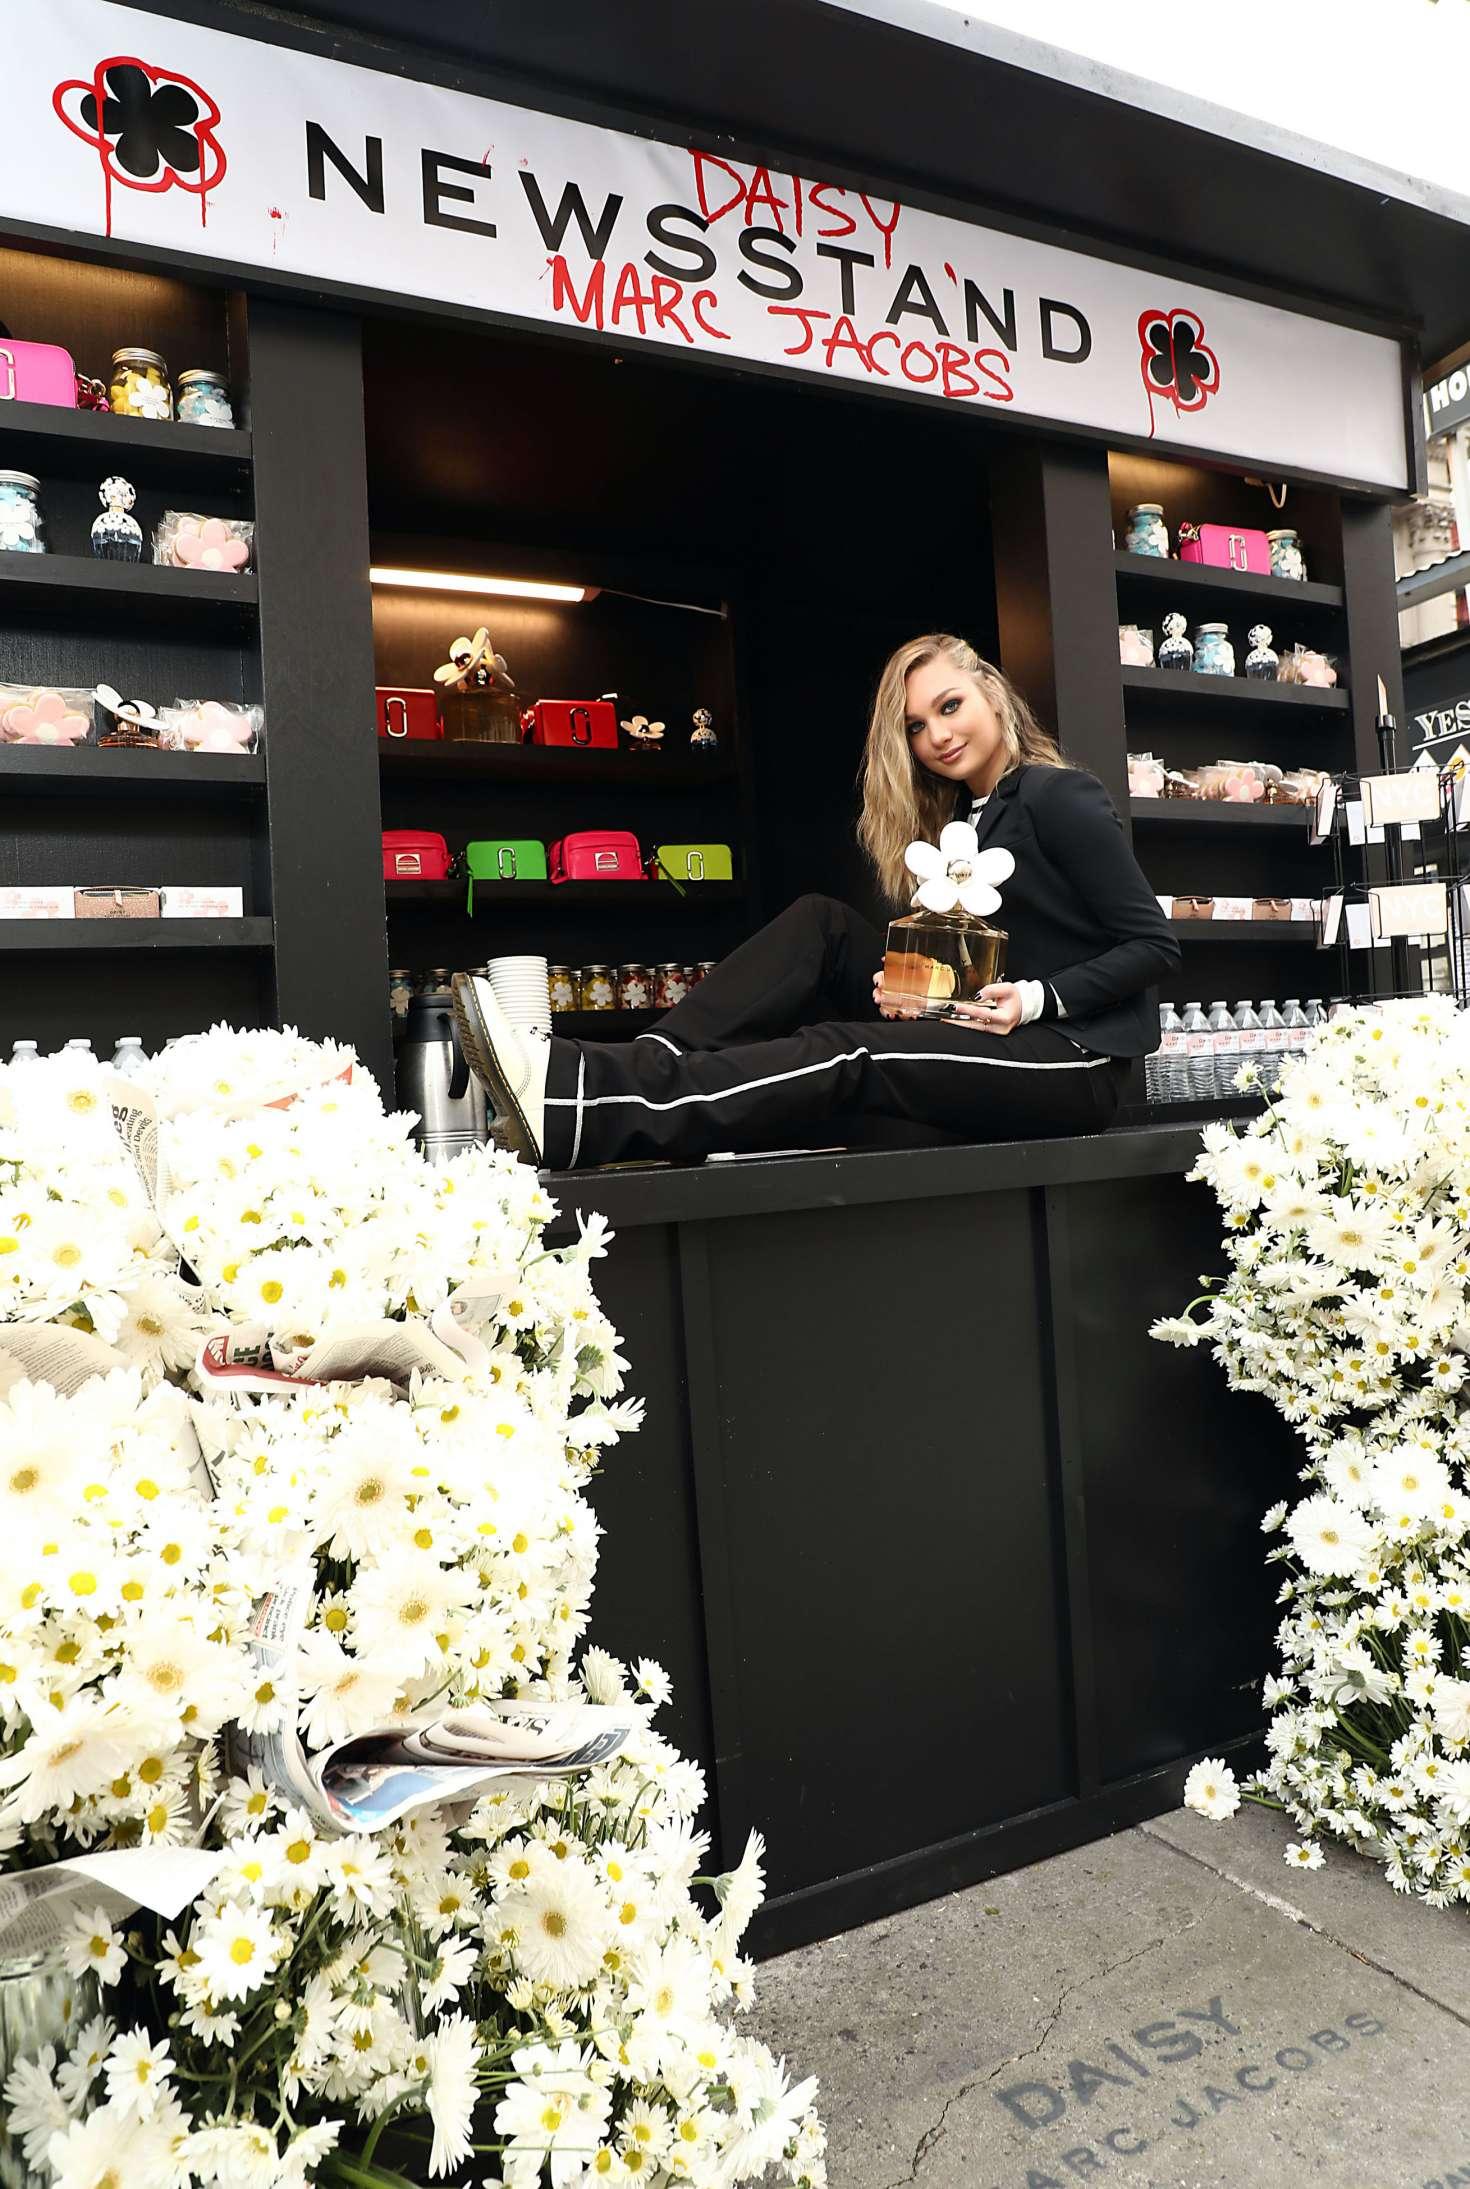 Maddie Ziegler 2018 : Maddie Ziegler: Daisy Marc Jacobs Popup Newsstand -04